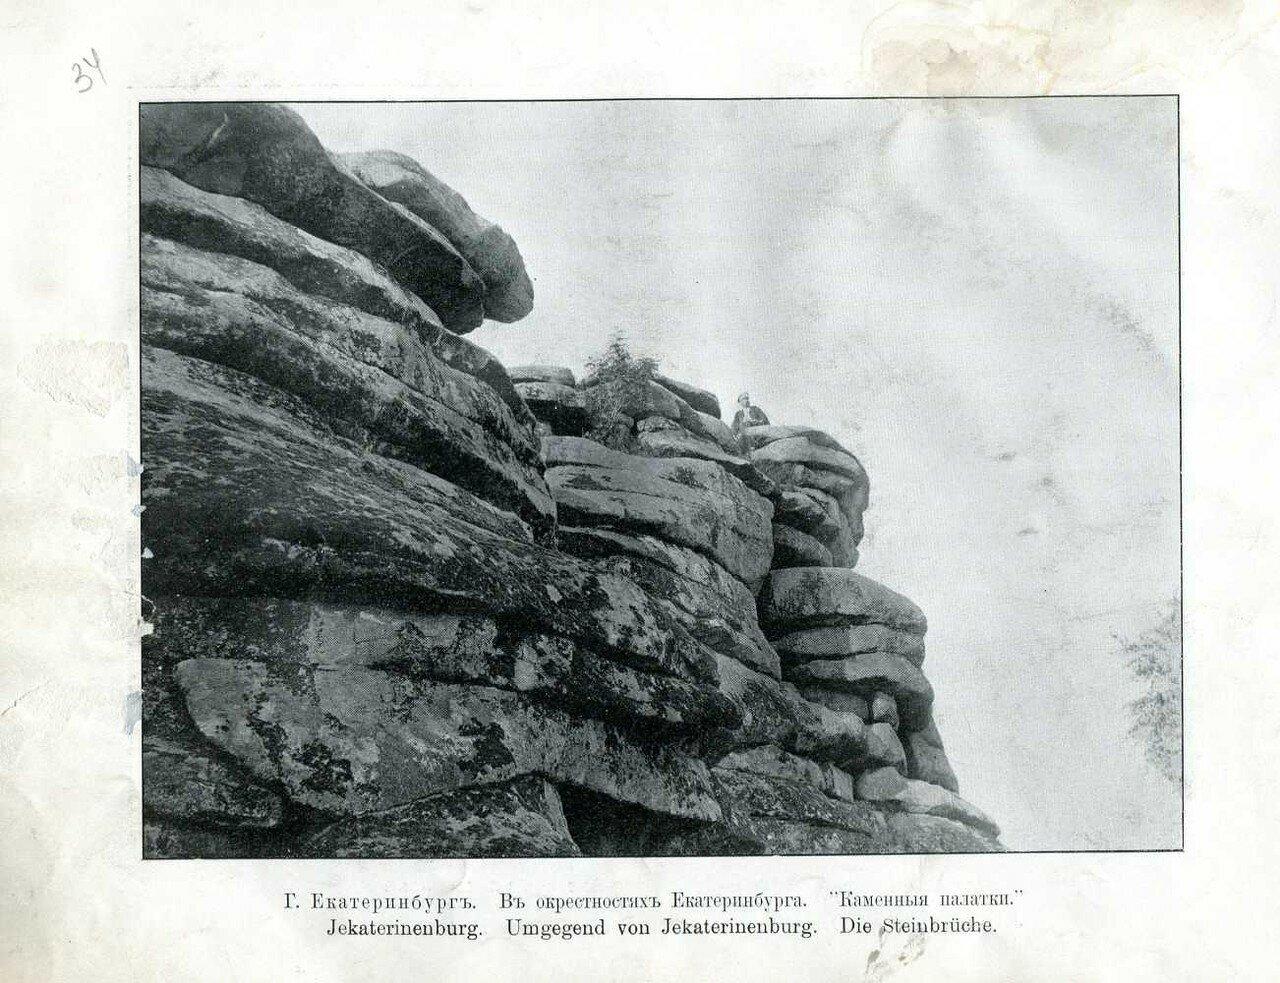 34. Екатеринбург. В окрестностях Екатеринбурга. Каменные палатки